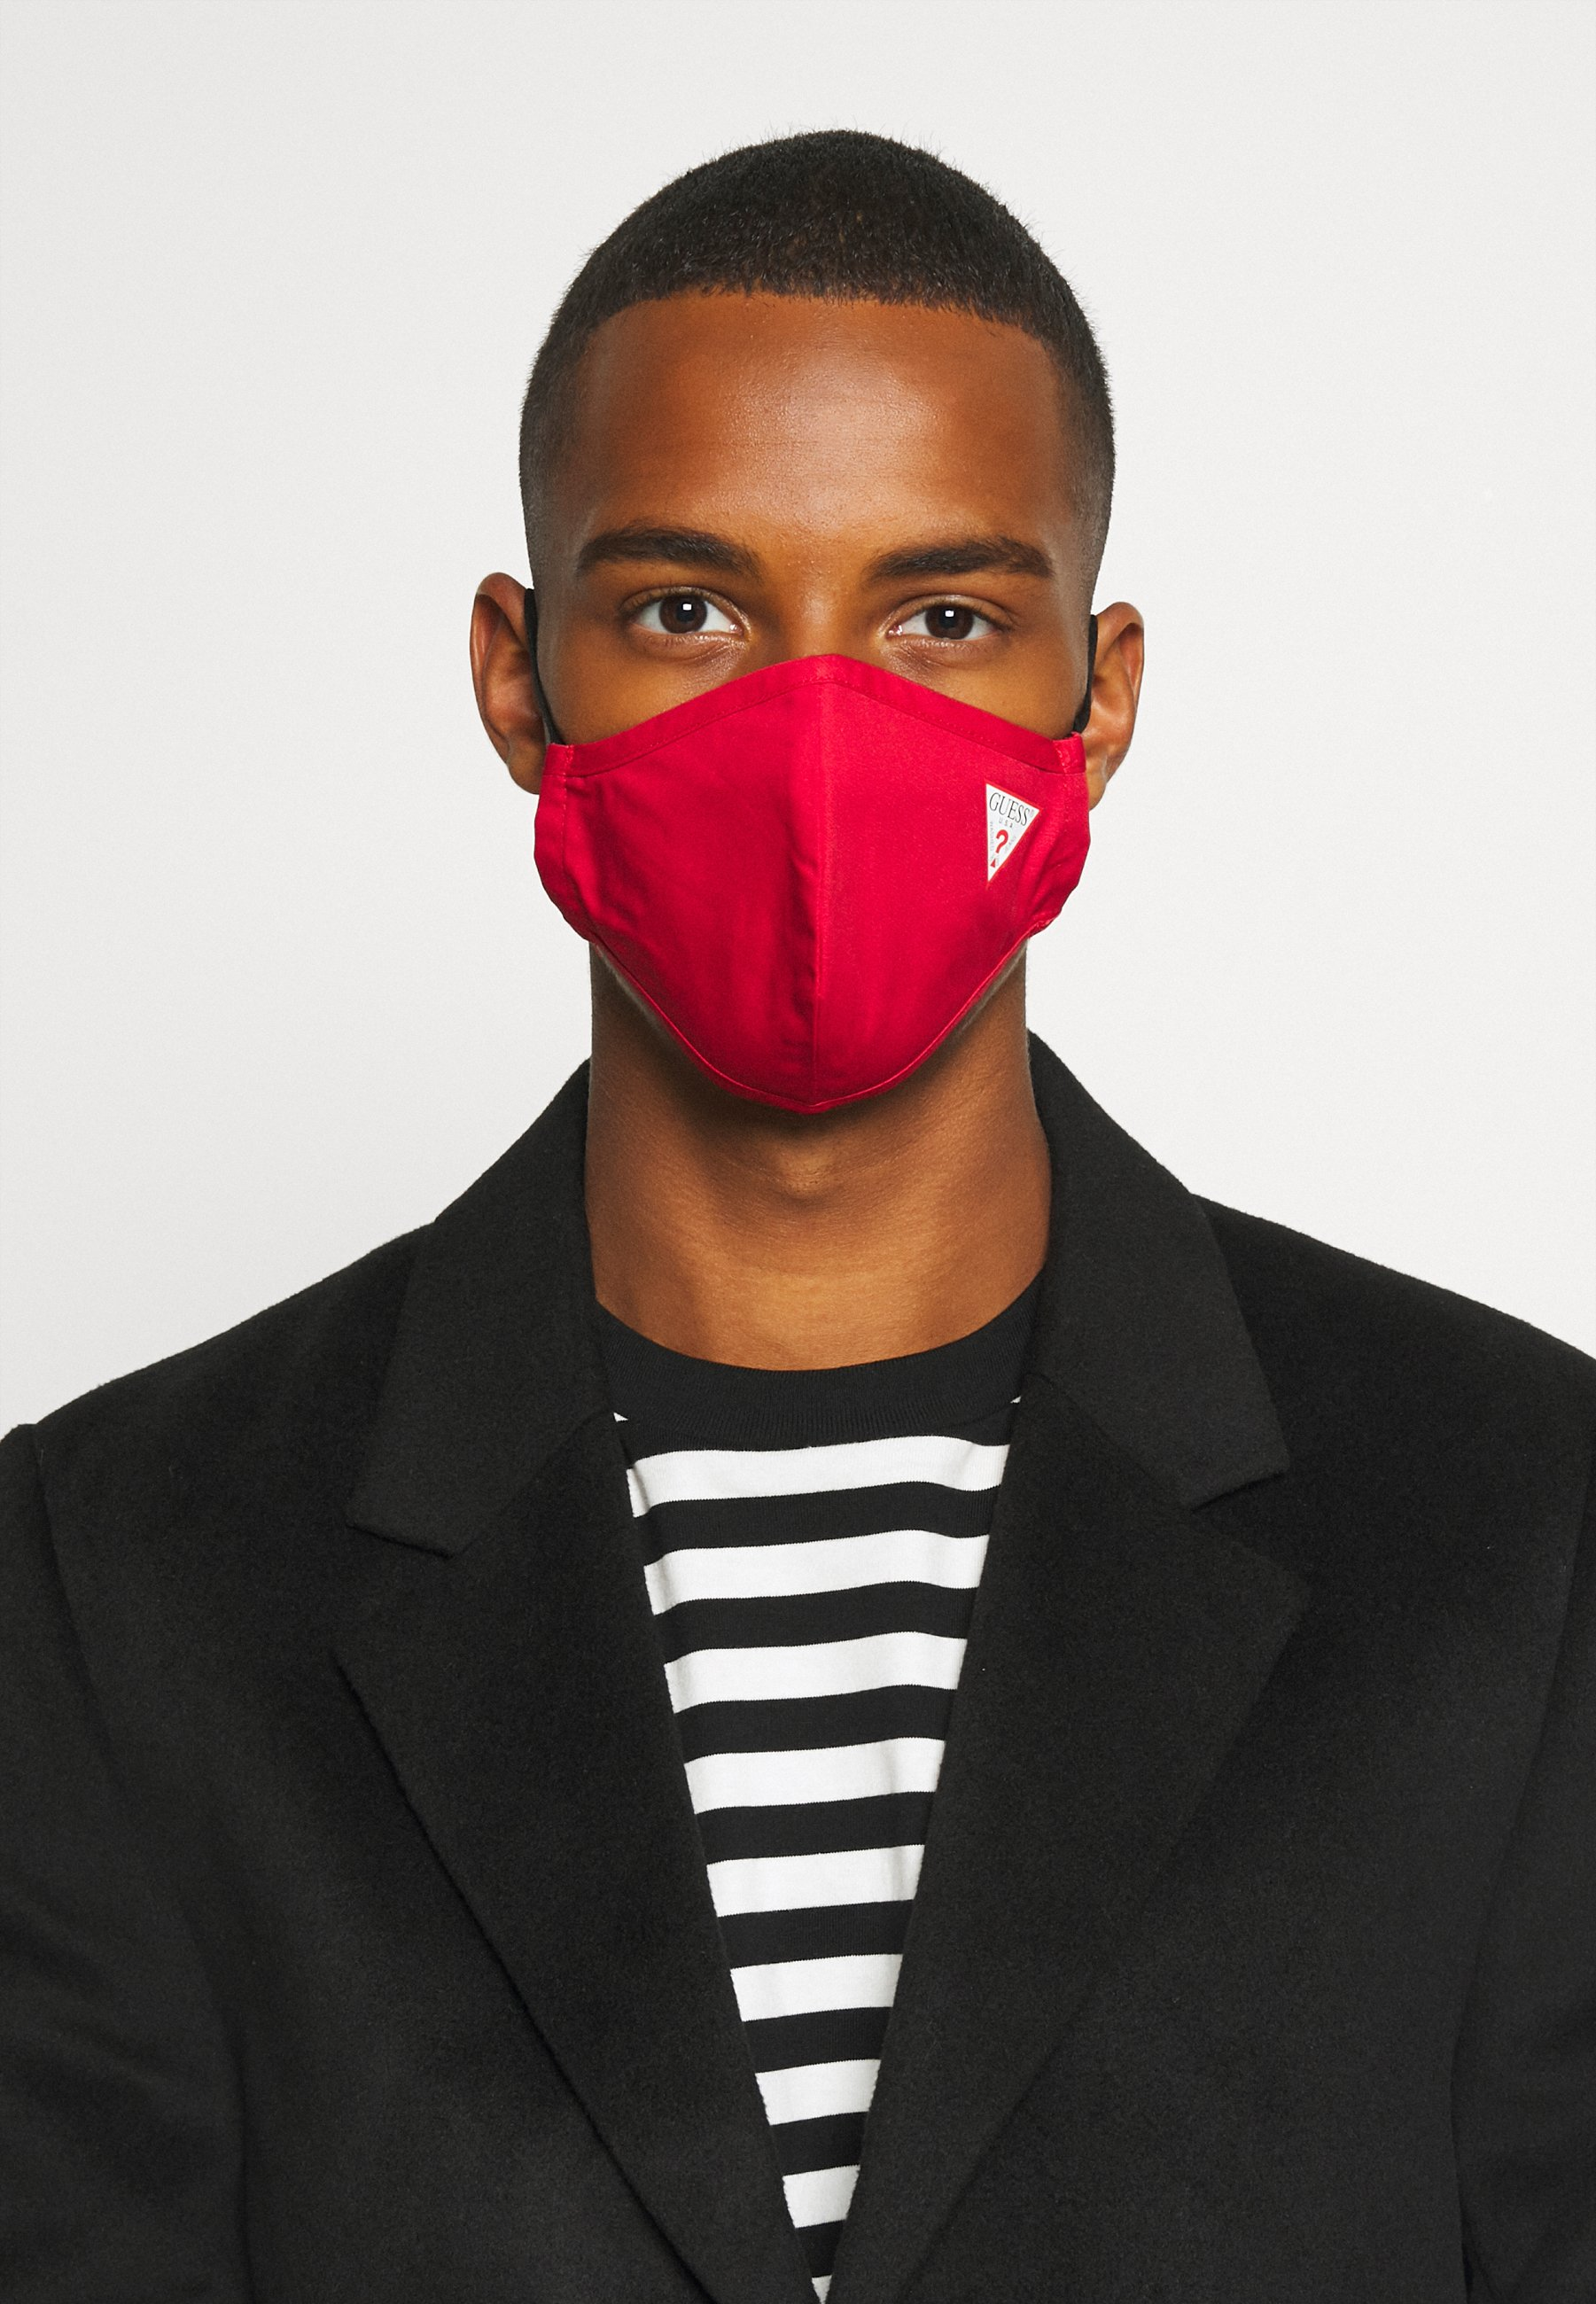 Men SINGLE FACEMASK UNISEX - Community mask